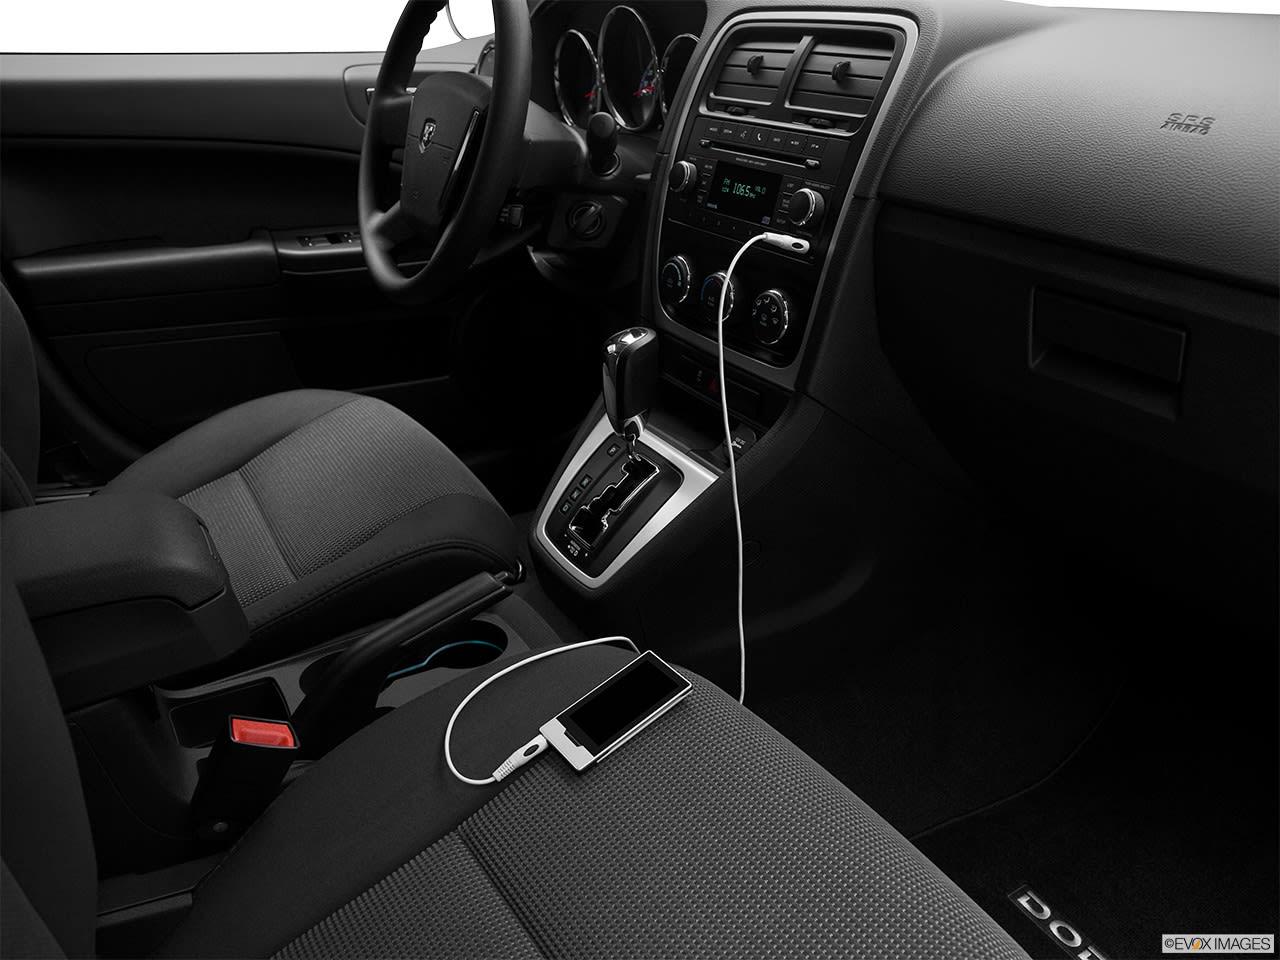 Dodge Dakota 2011 interior